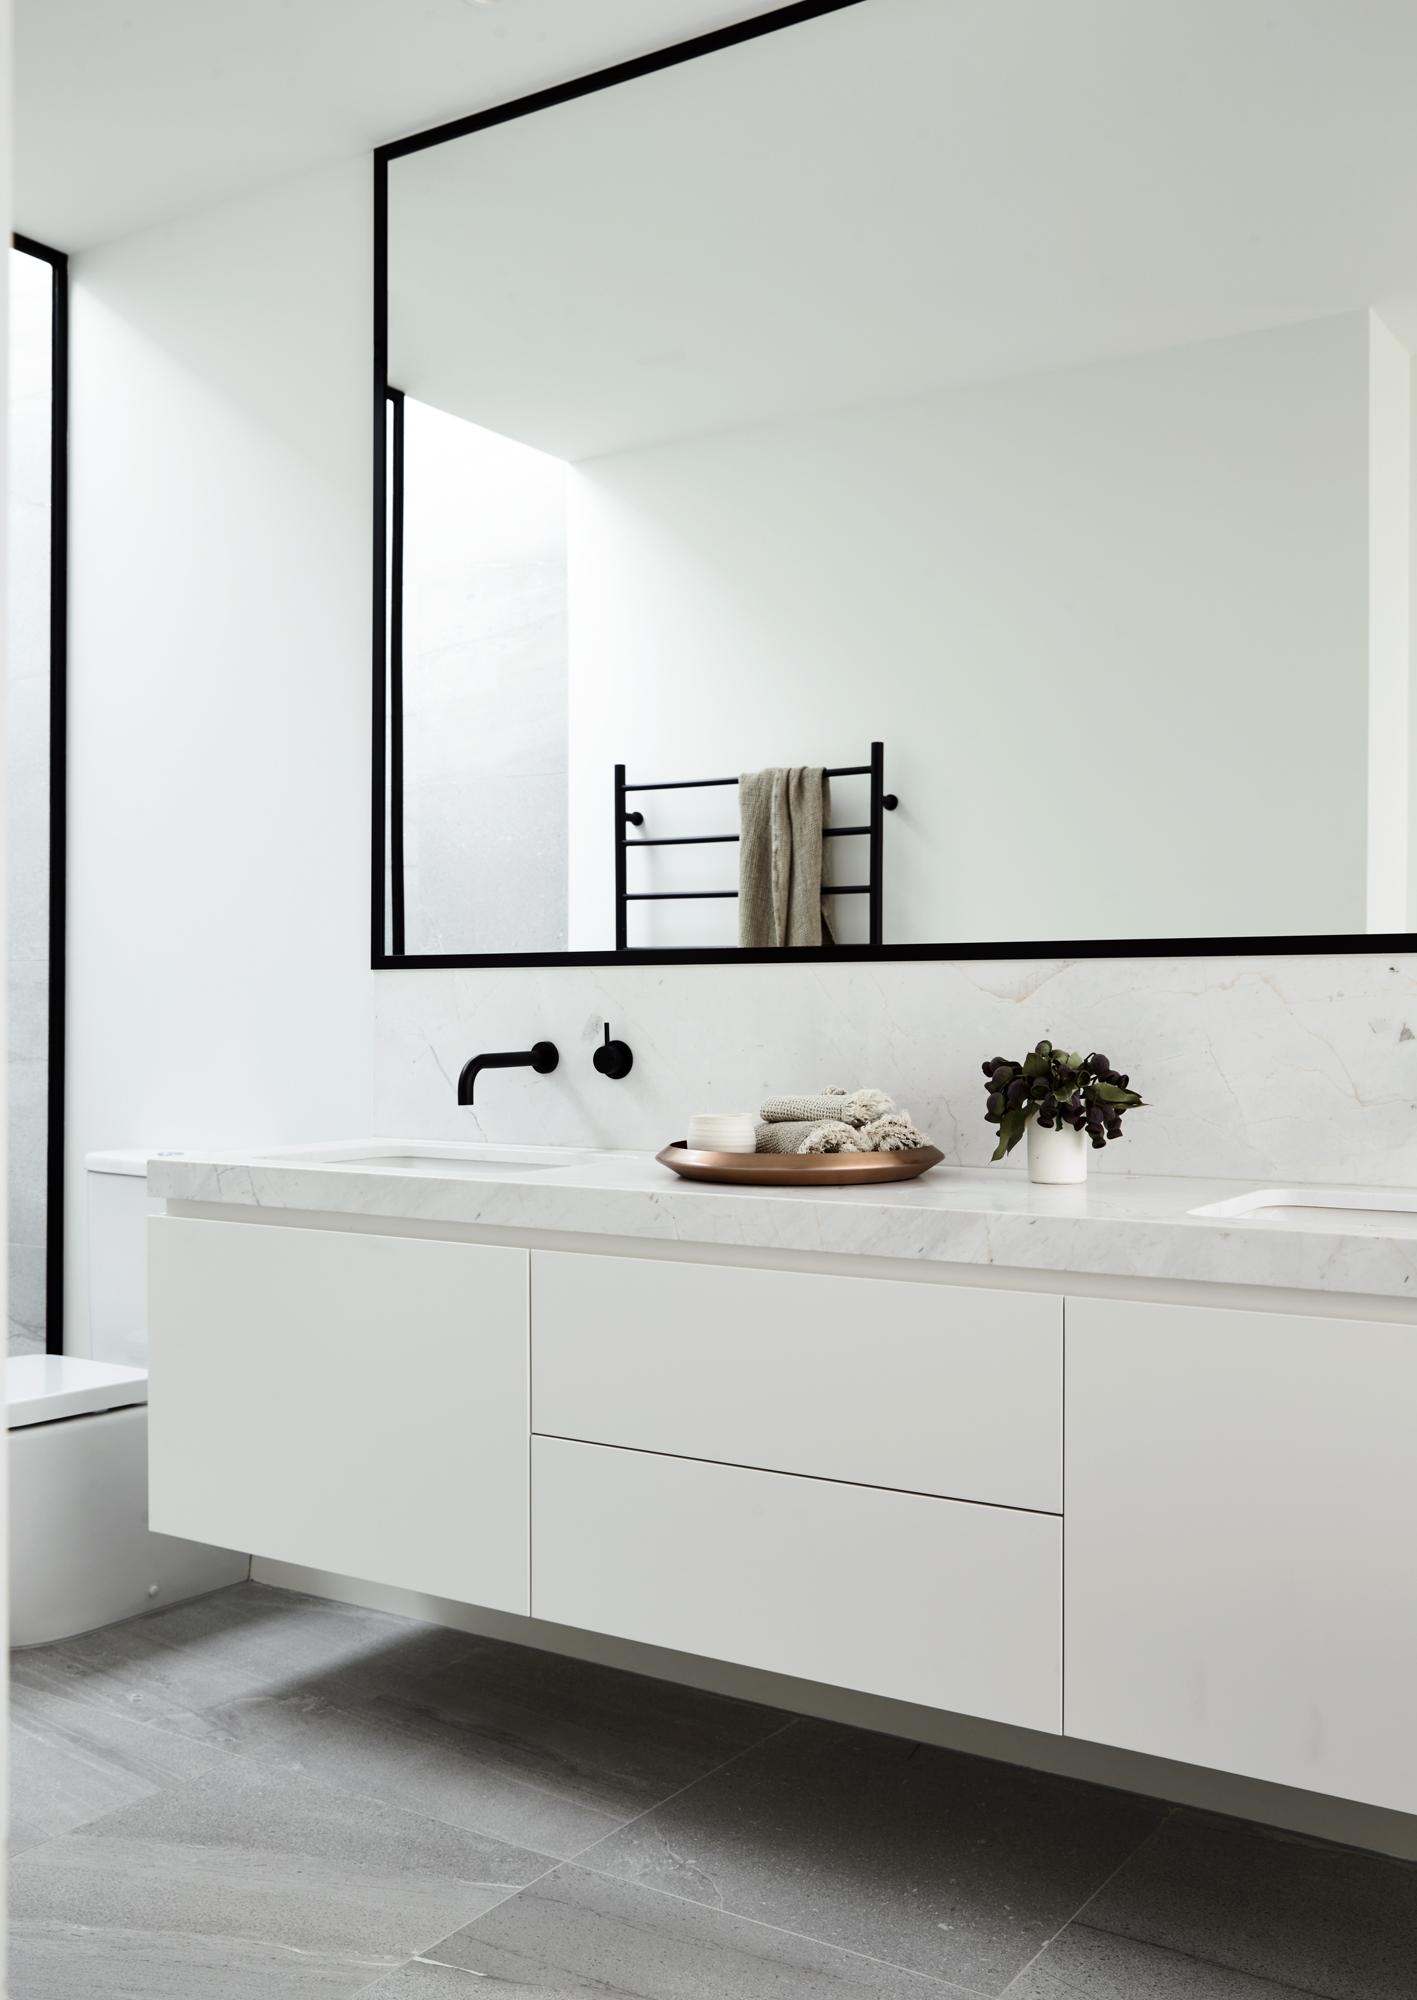 Comfortabele luxe badkamer door architectenbureau canny interieur inrichting - Luxe badkamer design ...